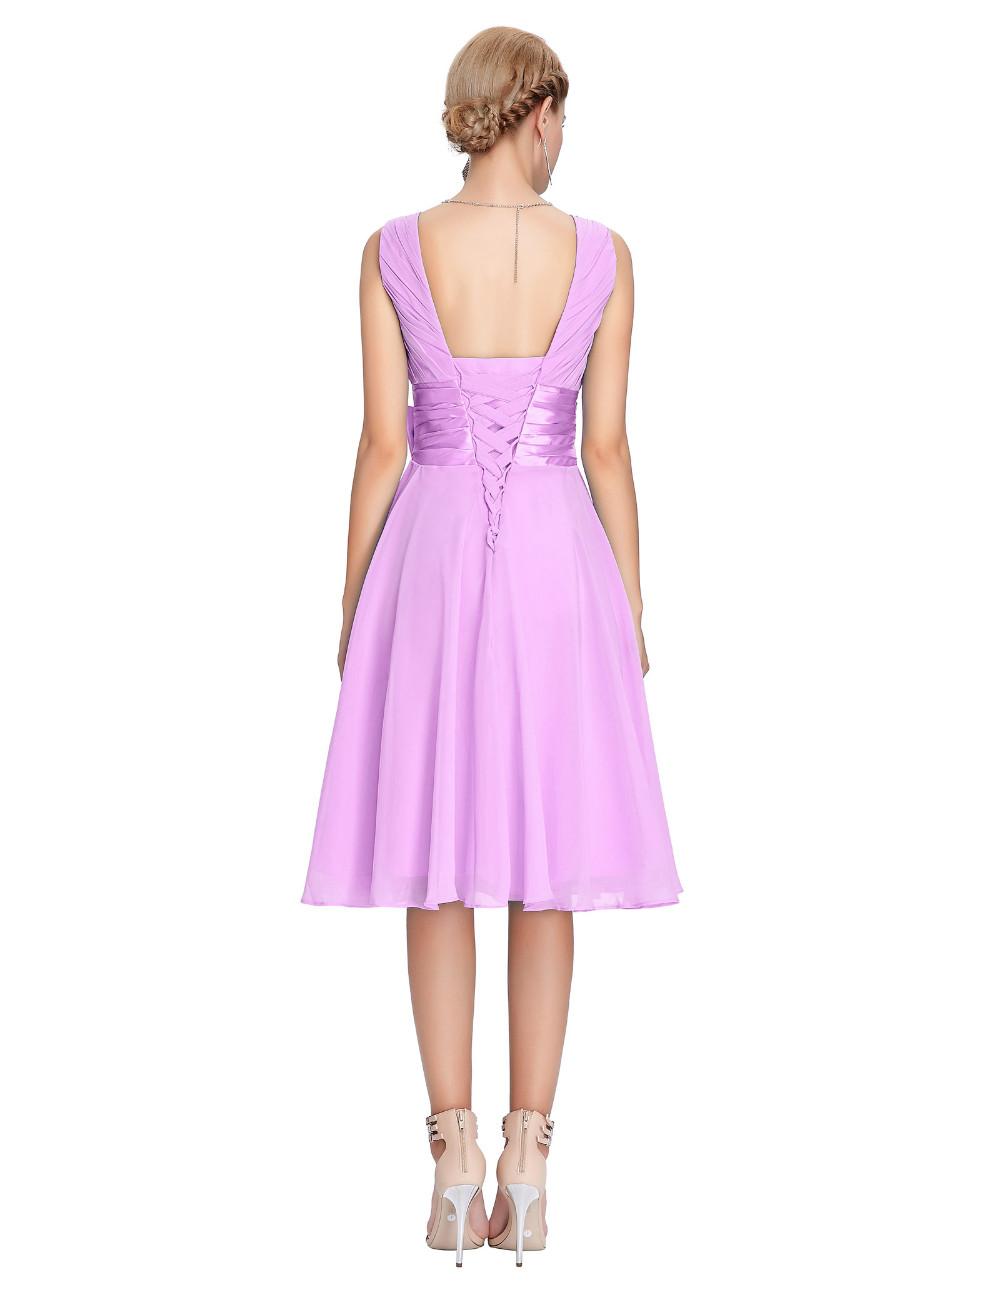 HTB1afzPMVXXXXavaXXXq6xXFXXXKKnee Length Short Chiffon Blue Dress